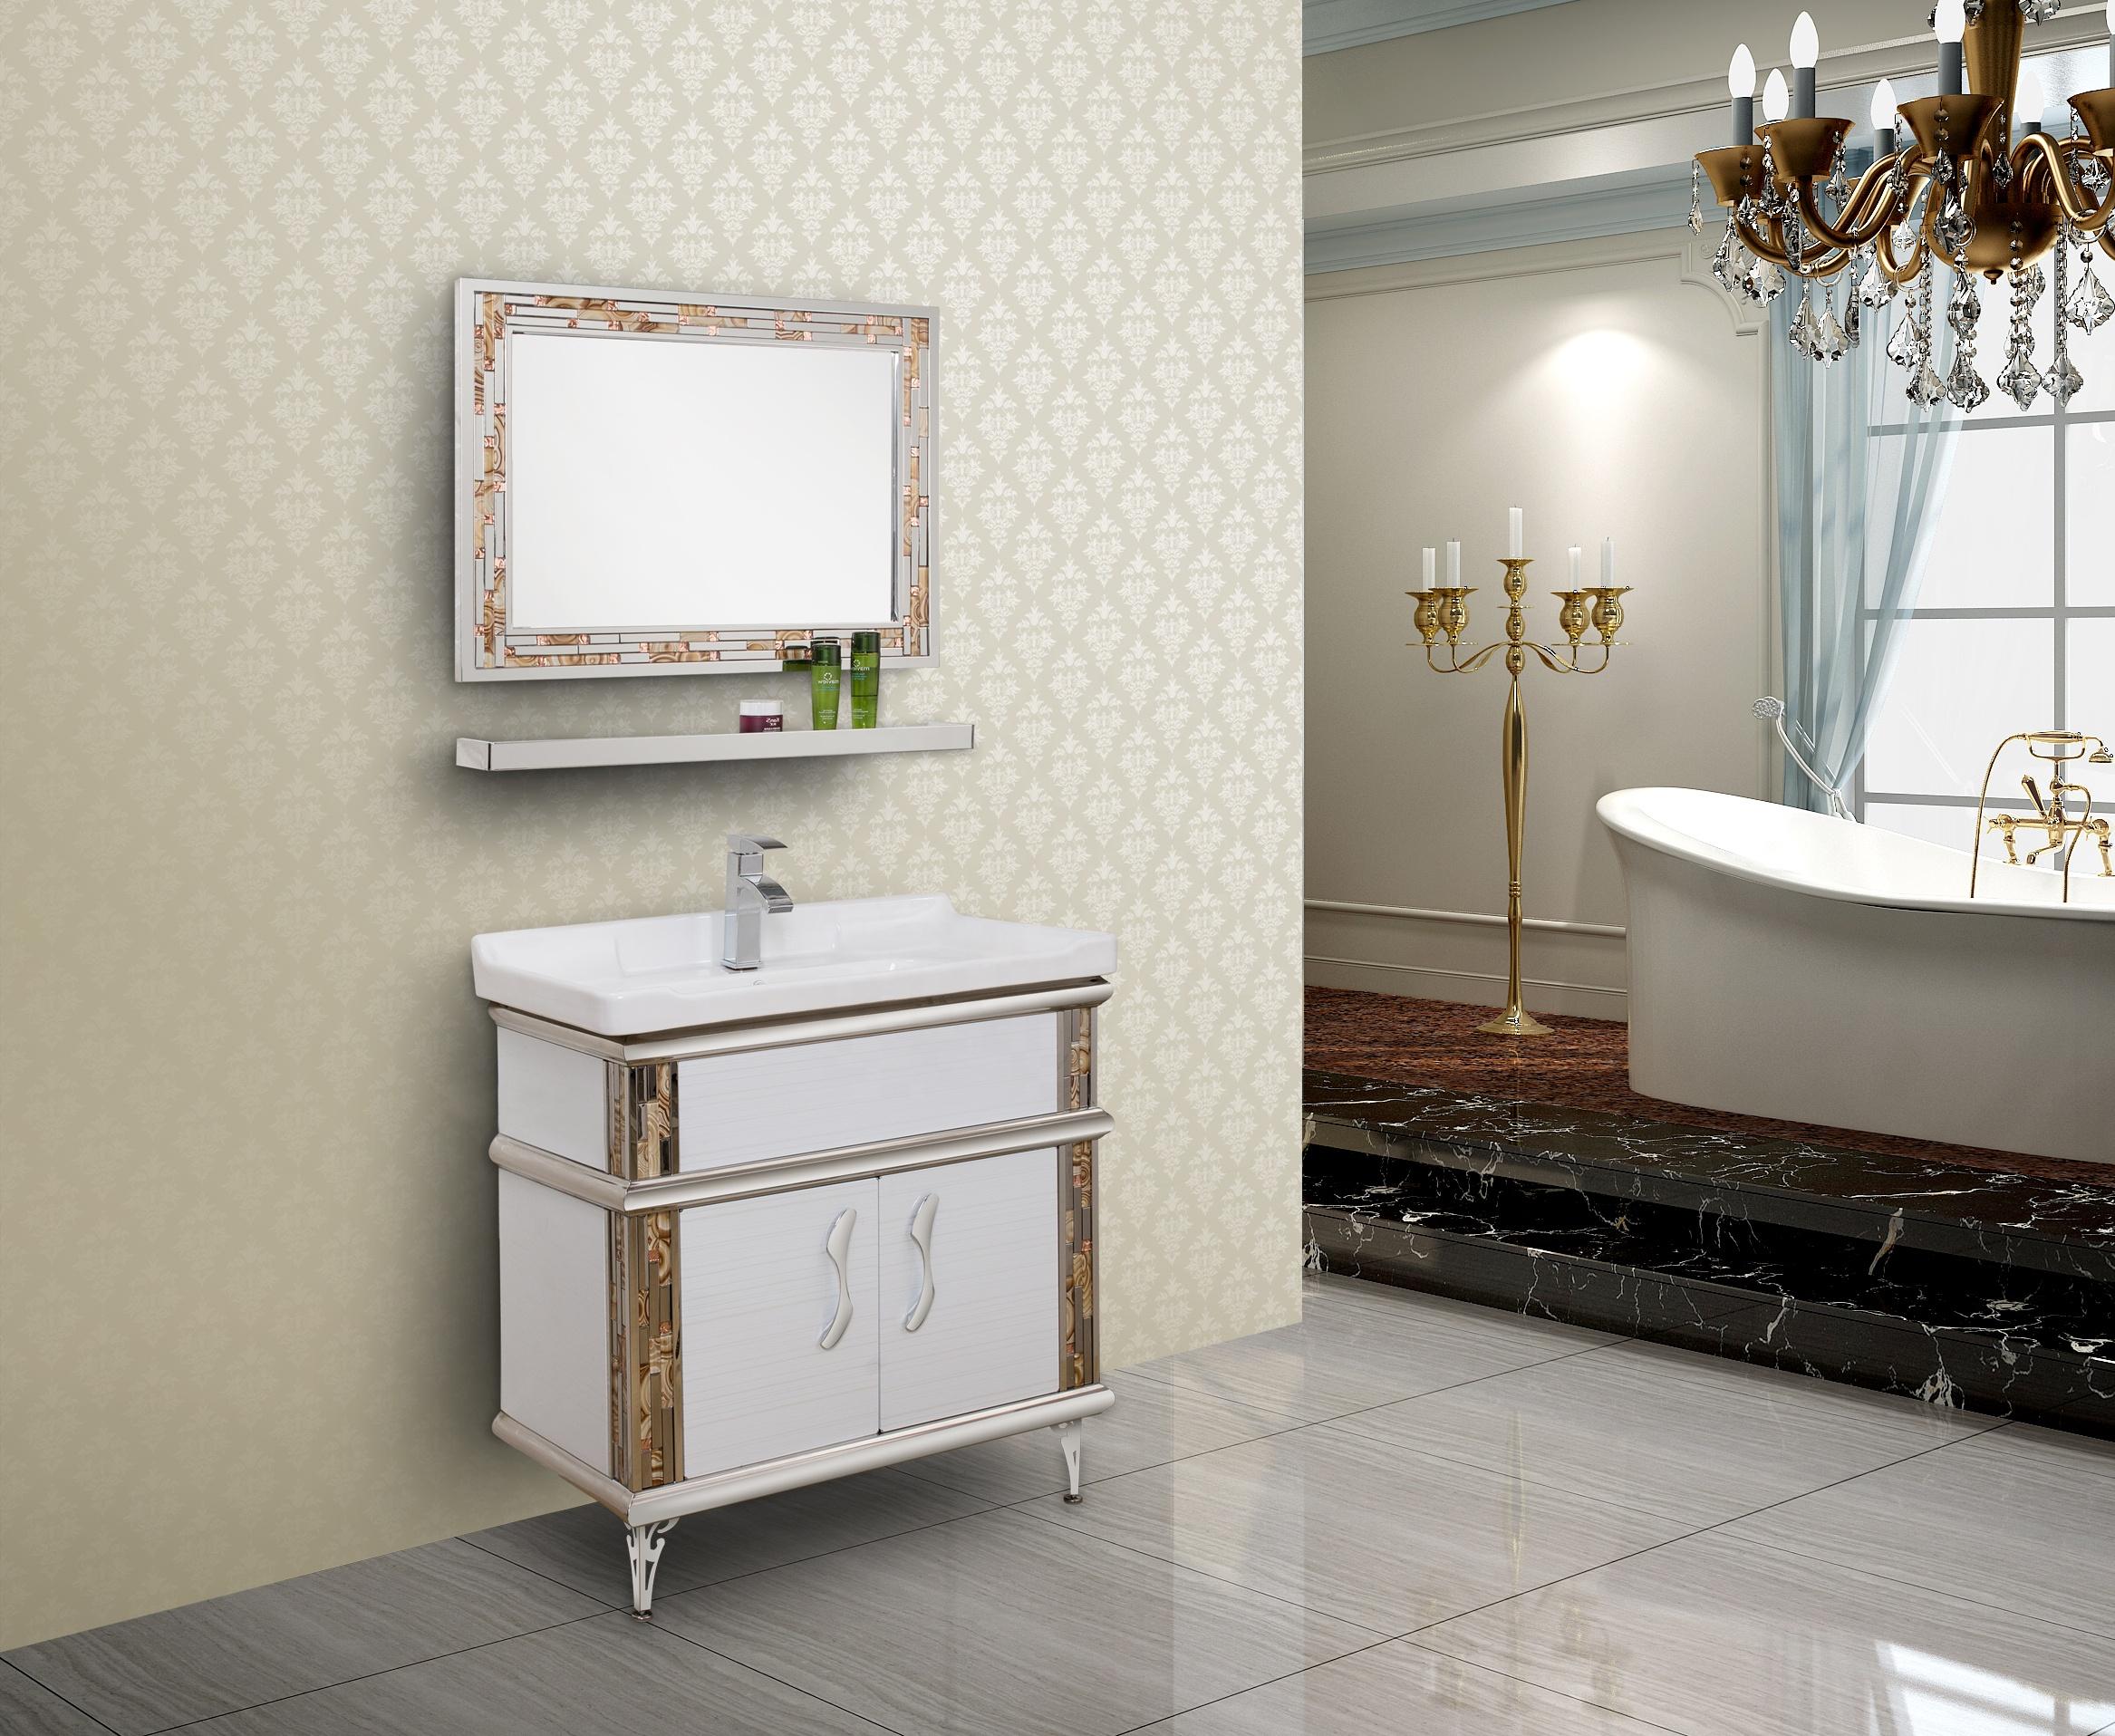 Großhandel mosaiksteine bad Kaufen Sie die besten mosaiksteine bad